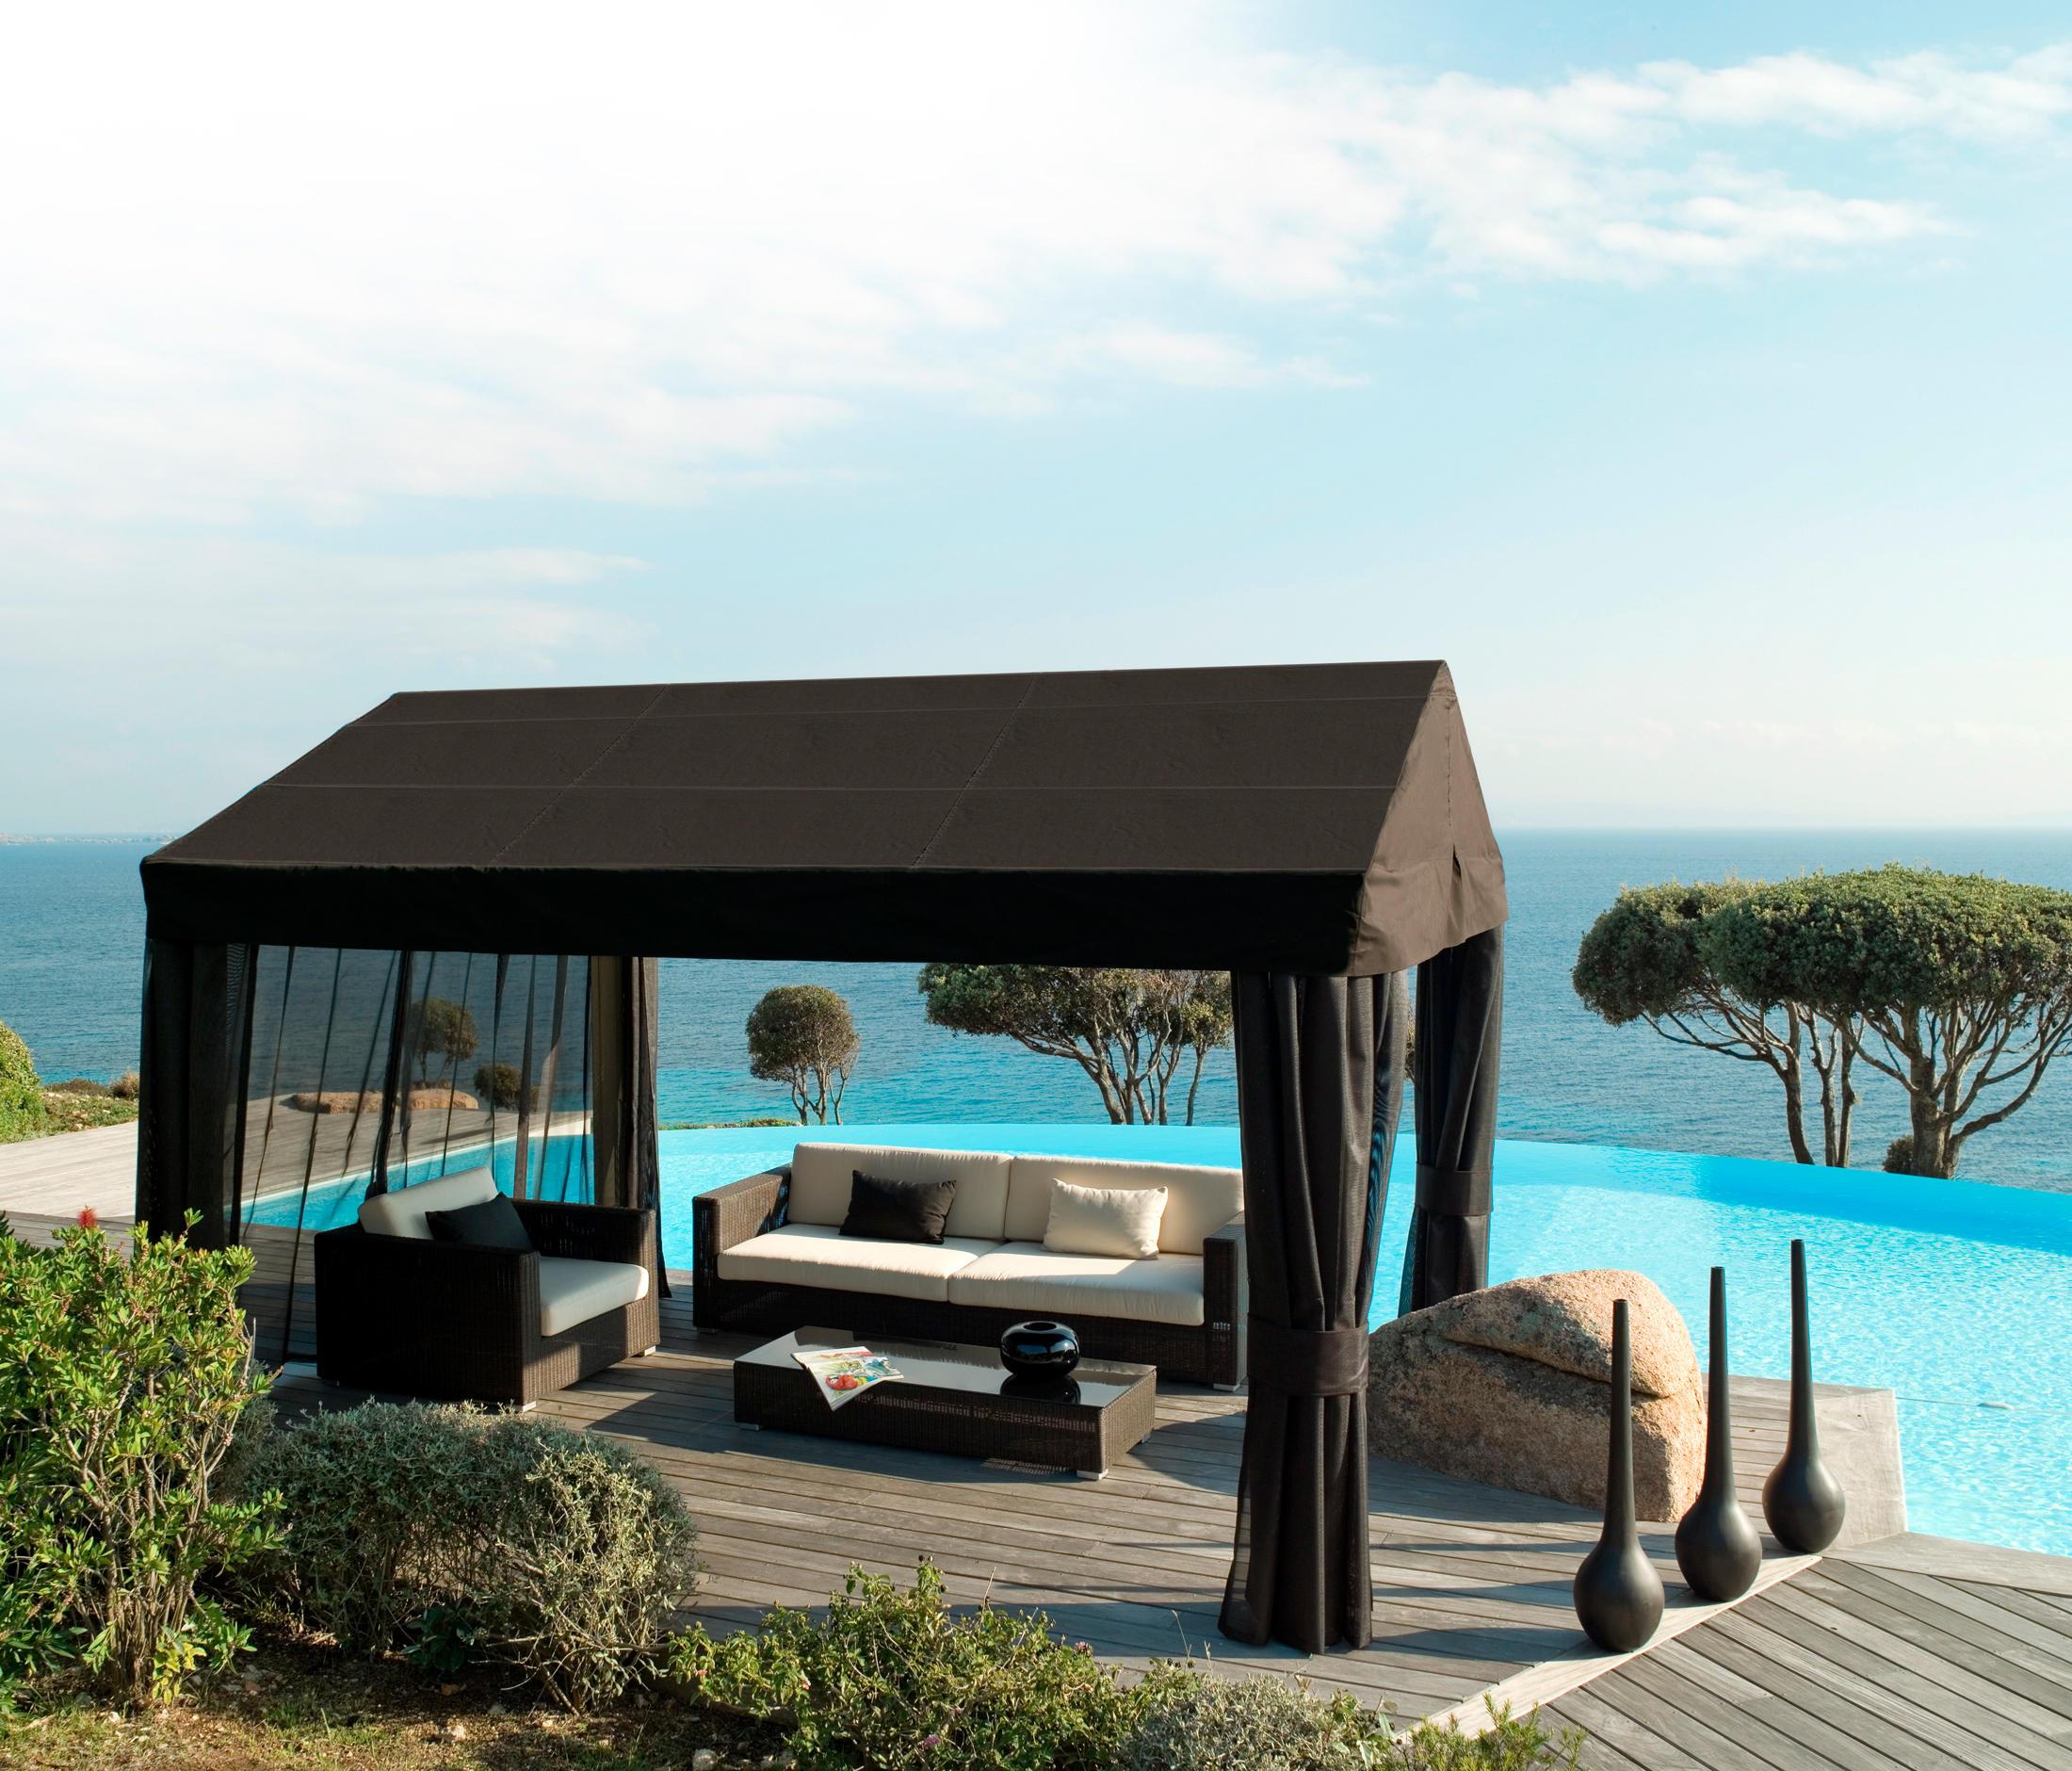 belmont beistelltisch mokka garten beistelltische von cane line architonic. Black Bedroom Furniture Sets. Home Design Ideas